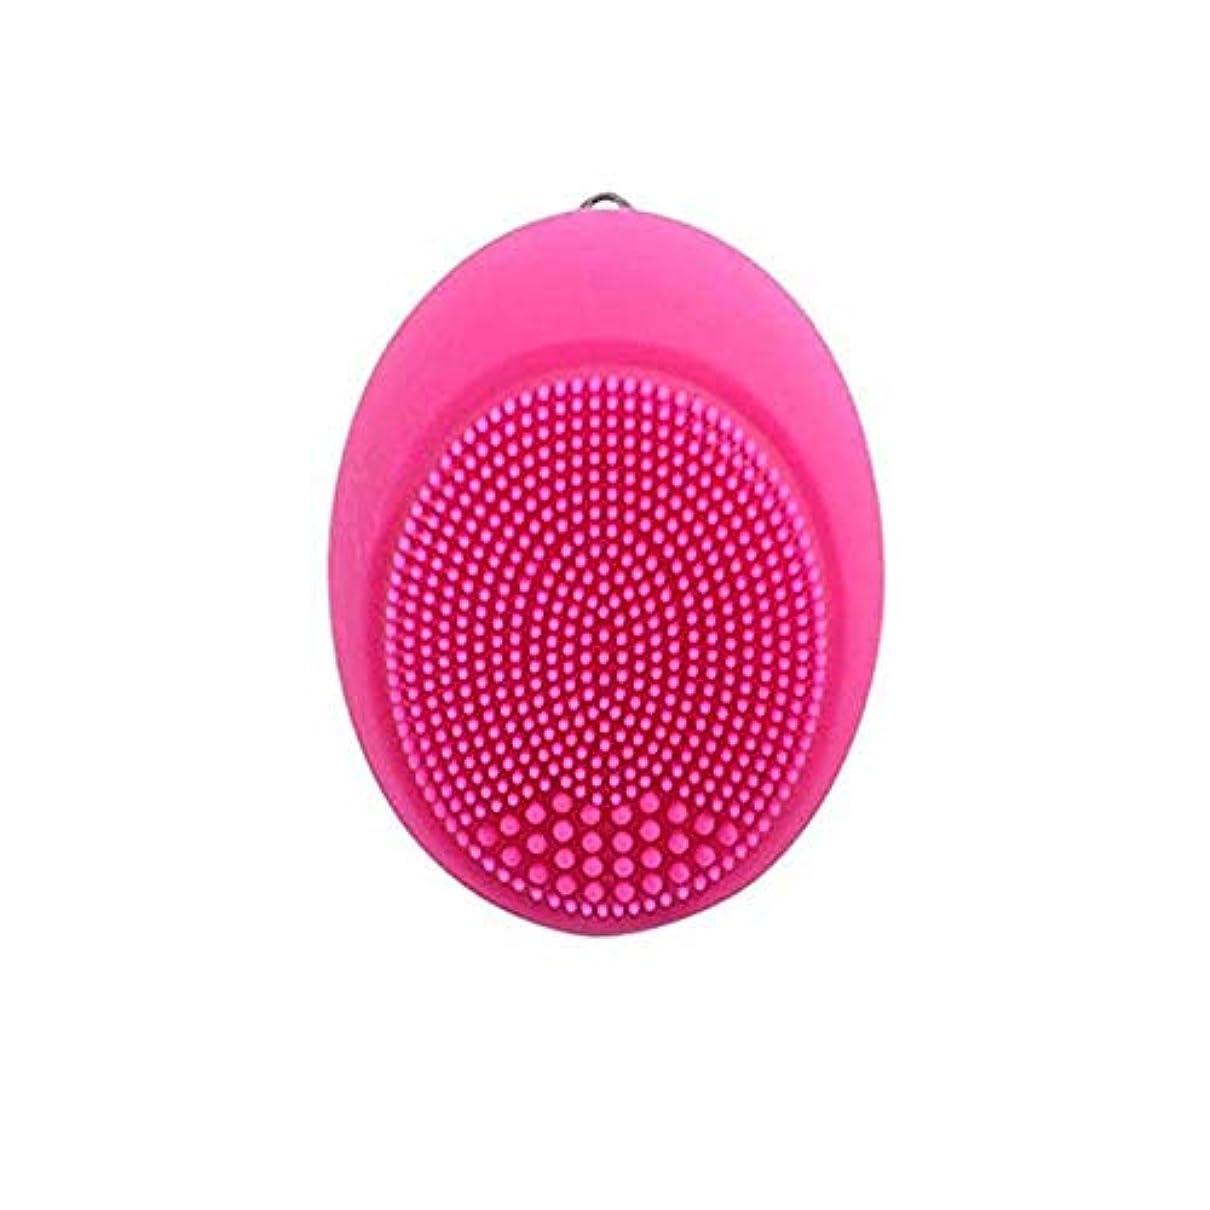 養う離れた献身ソニックバイブレーションフェイシャルクレンジングブラシ、シリコンディープクレンジングブラシスキンクレンザーアンチエイジングジェントルエクスフォリエイティングリジュビネイトスキンマルチカラー (Color : Rose pink)